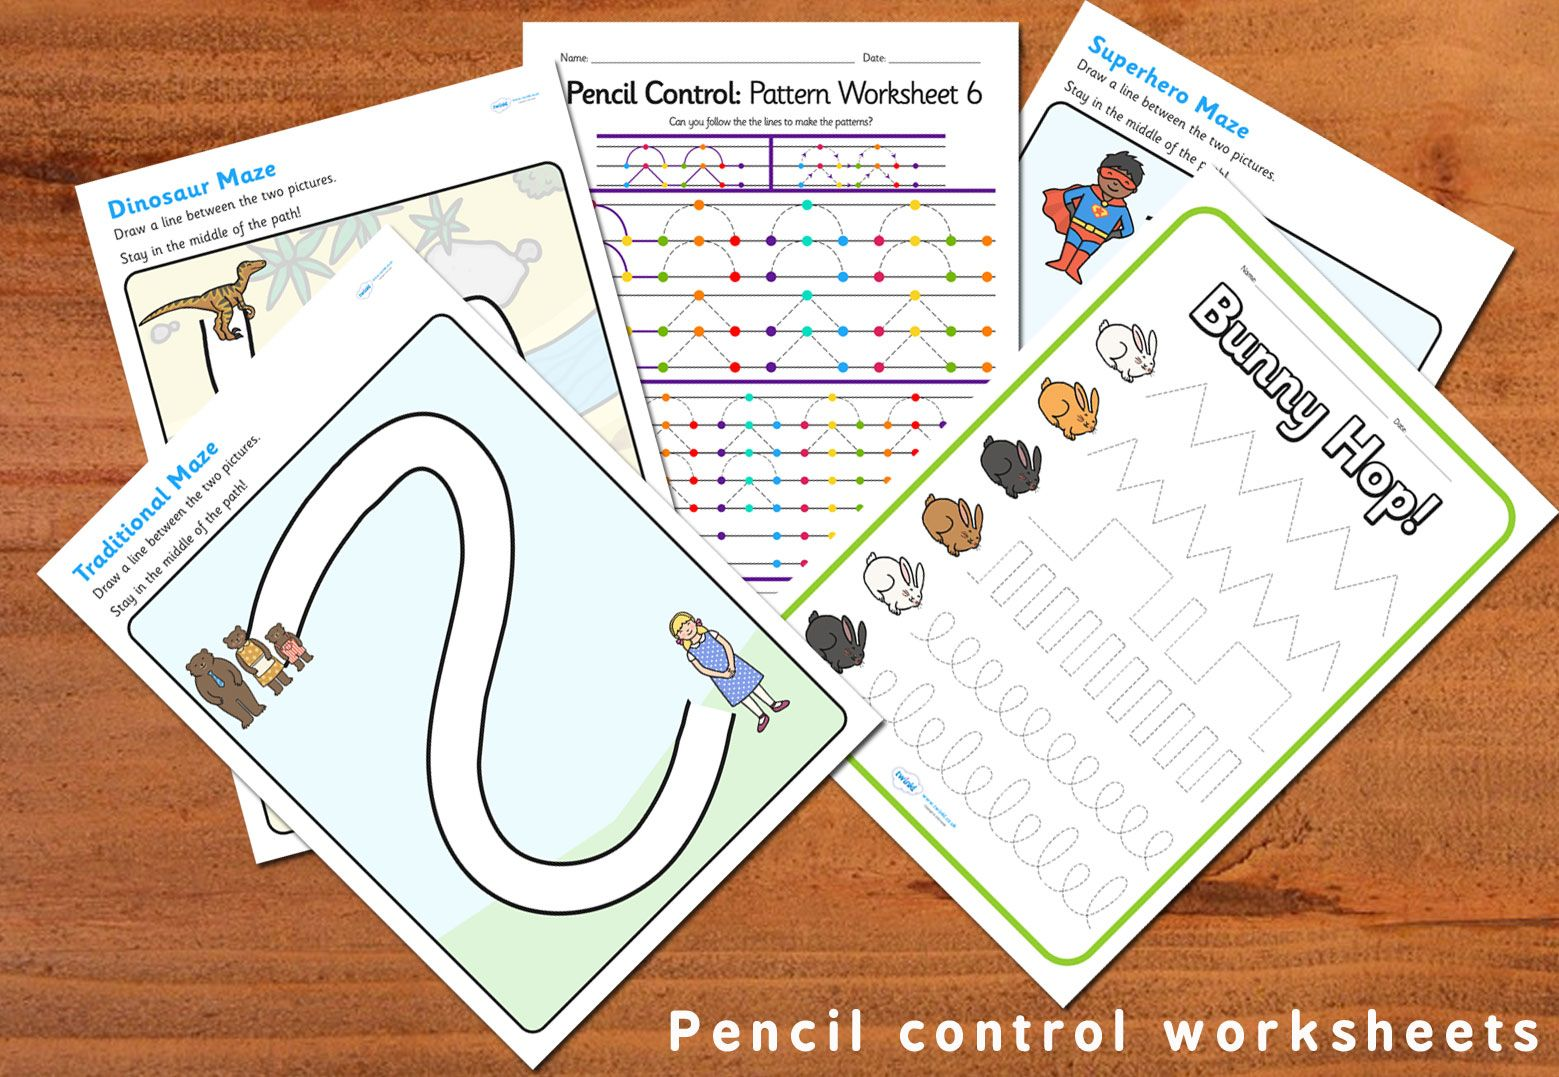 pencil control worksheets free downloads printables for preschool pinterest worksheets and. Black Bedroom Furniture Sets. Home Design Ideas